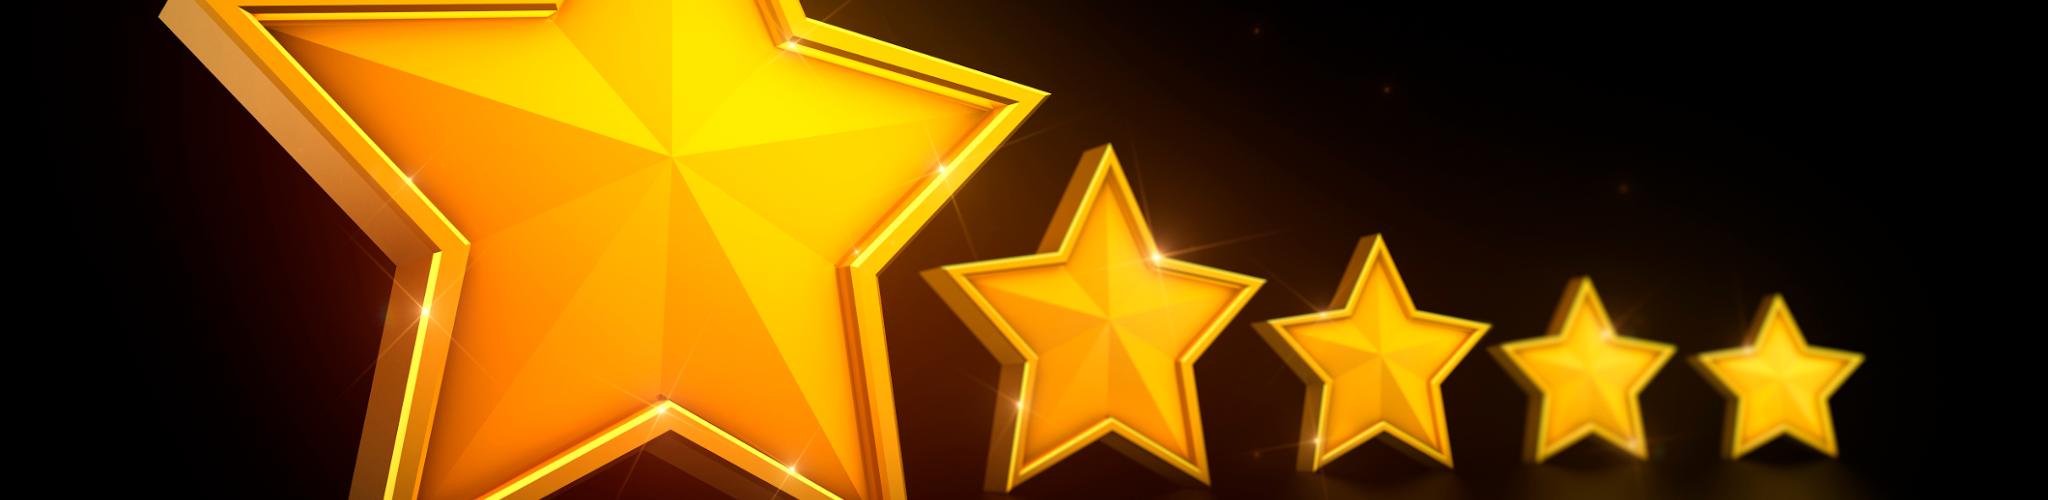 Five Stars Rep Score